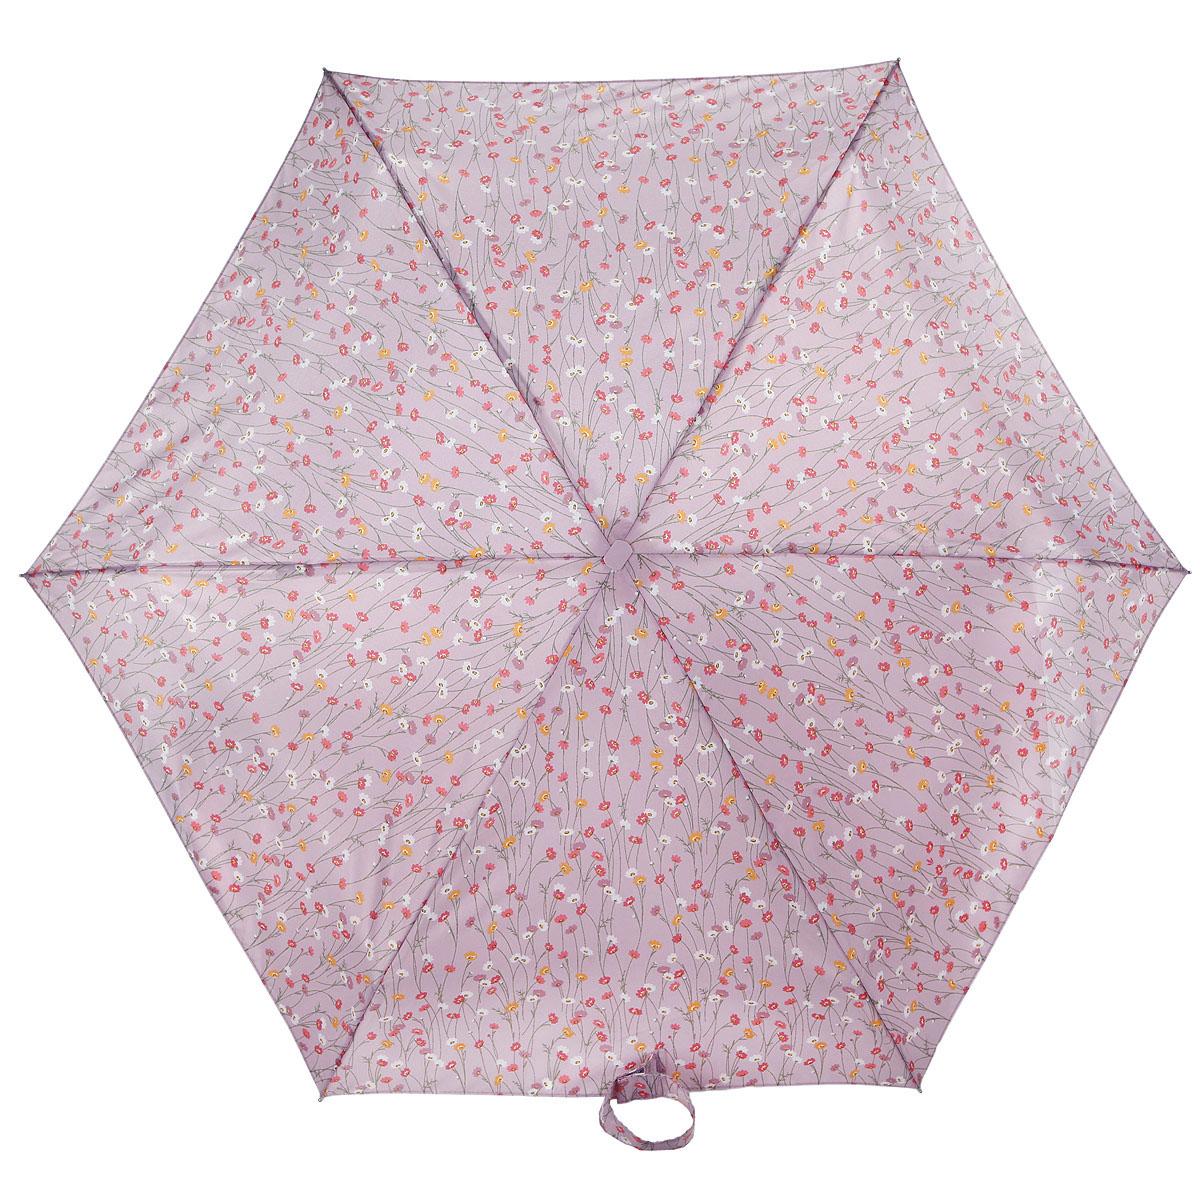 Зонт женский Fulton Tiny-2. Spring Fair, механический, 5 сложений, цвет: сиреневый. L501-2924L501-2924Очаровательный механический зонт Tiny-2. Spring Fair в 5 сложений изготовлен из высокопрочных материалов. Каркас зонта состоит из 6 спиц и прочного алюминиевого стержня. Купол зонта выполнен из прочного полиэстера с водоотталкивающей пропиткой и оформлен рисунком в виде цветов. Рукоятка изготовлена из пластика. Зонт имеет механический механизм сложения: купол открывается и закрывается вручную до характерного щелчка. Небольшой шнурок, расположенный на рукоятке, позволяет надеть изделие на руку при необходимости. Модель закрывается при помощи хлястика на застежку-липучку. К зонту прилагается чехол. Прелестный зонт не только выручит вас в ненастную погоду, но и станет стильным аксессуаром, прекрасно дополнит ваш модный образ. Необыкновенно компактный зонт с легкостью поместится в маленькую сумочку